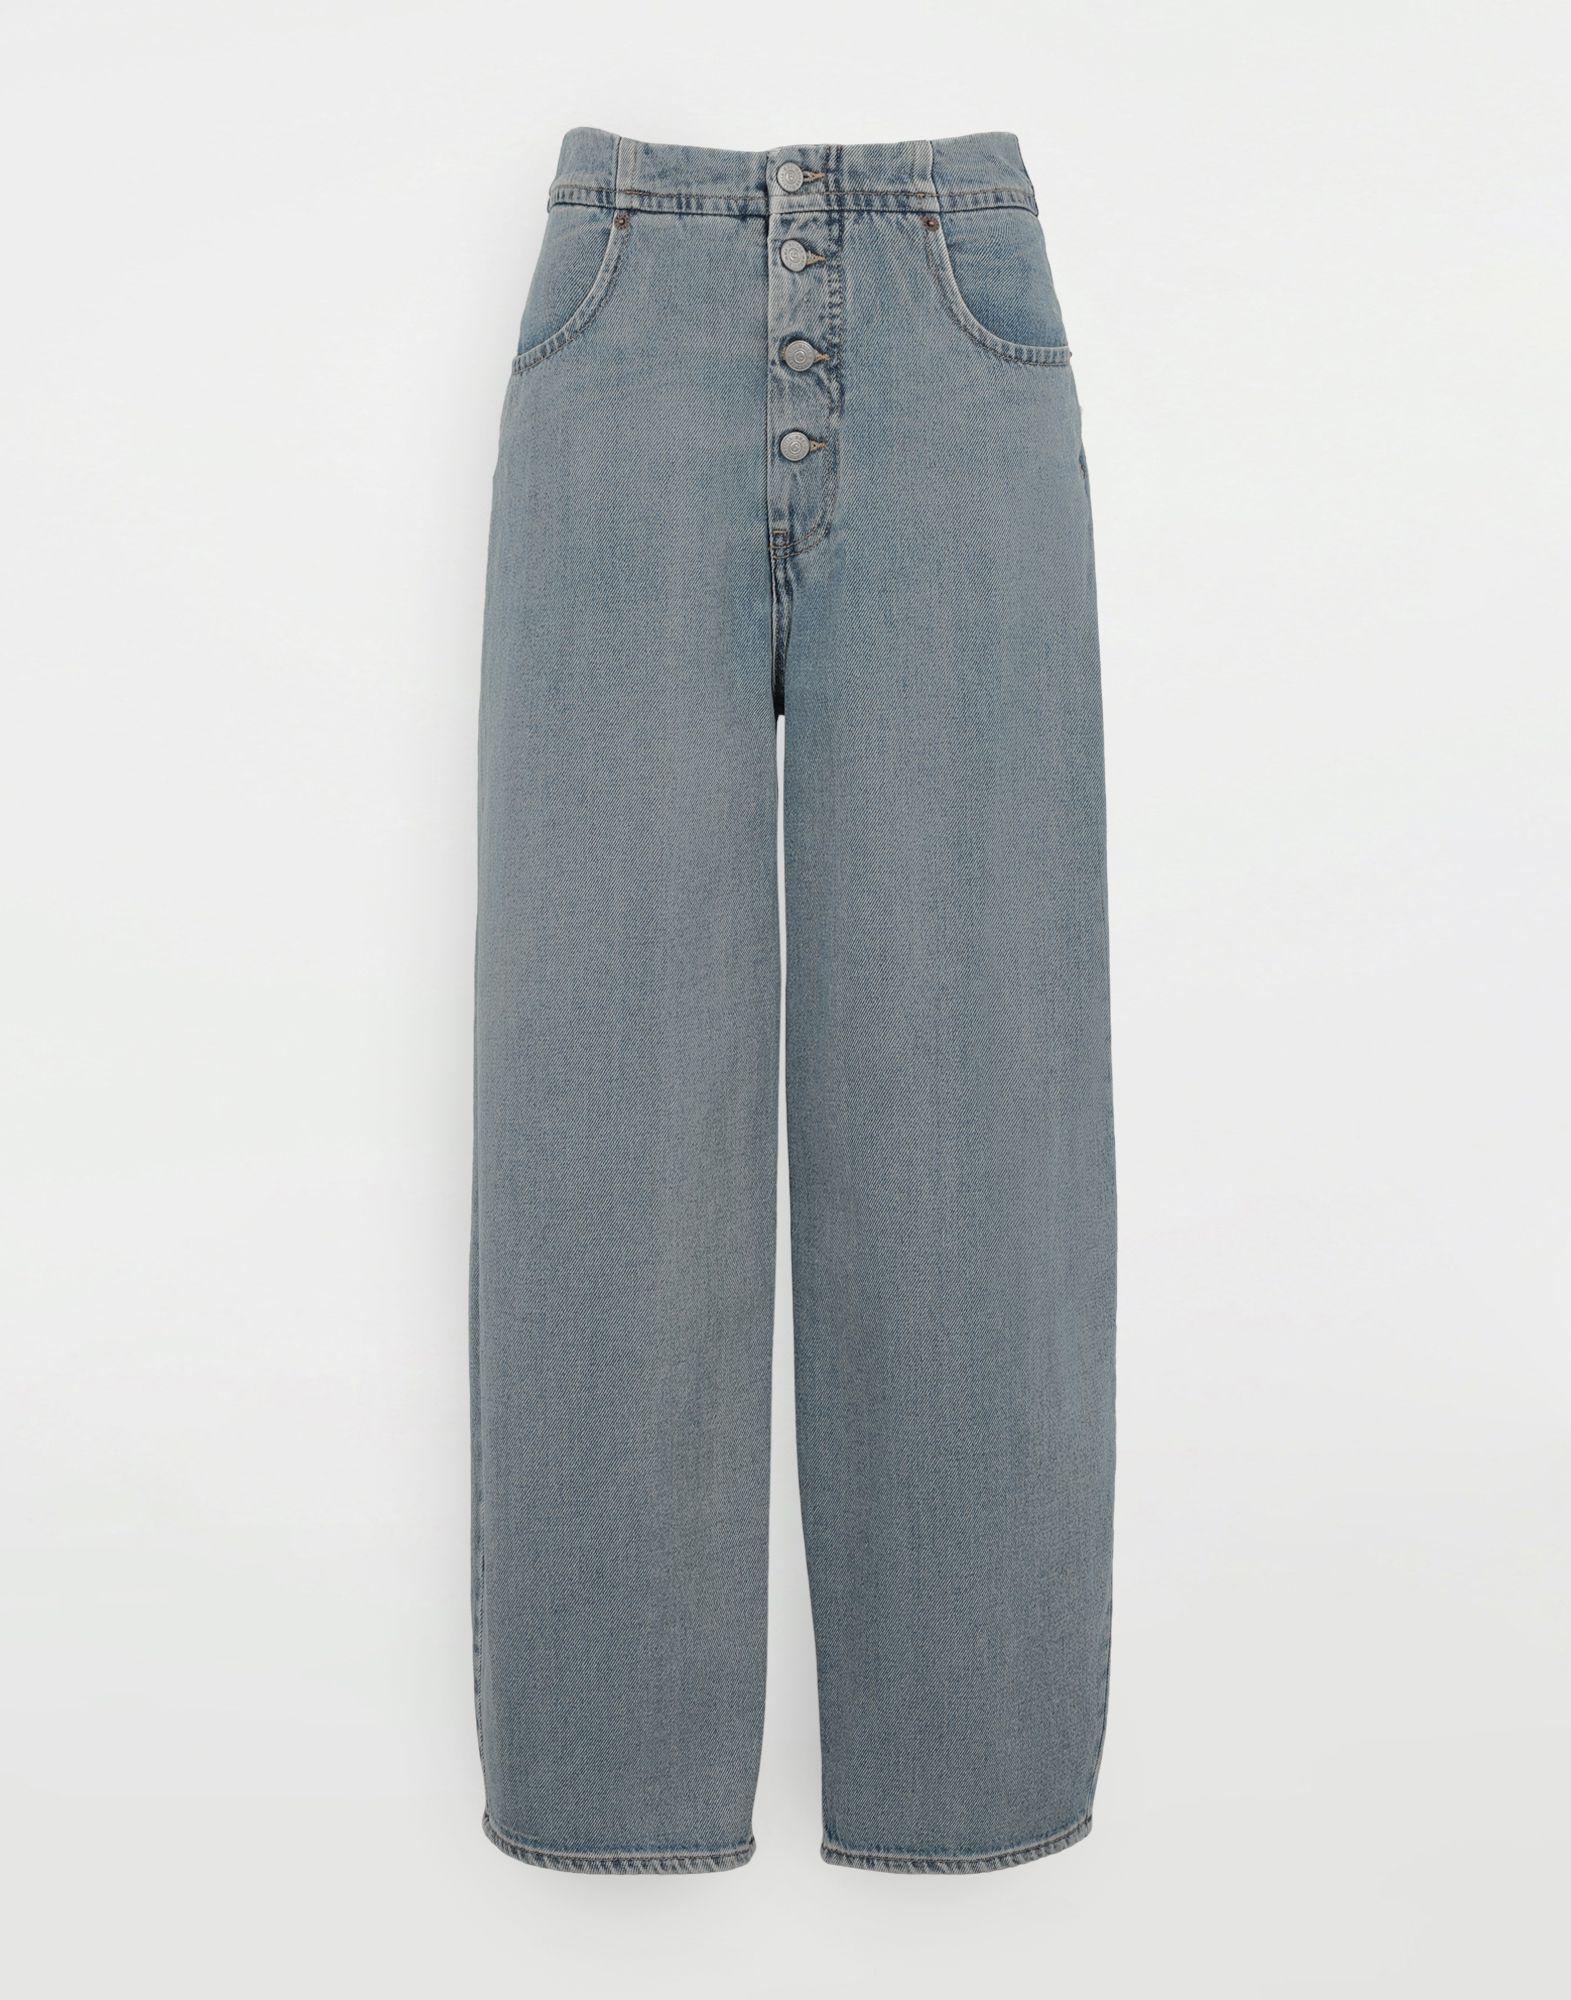 MM6 MAISON MARGIELA Jean cocon Pantalon en jean Femme f